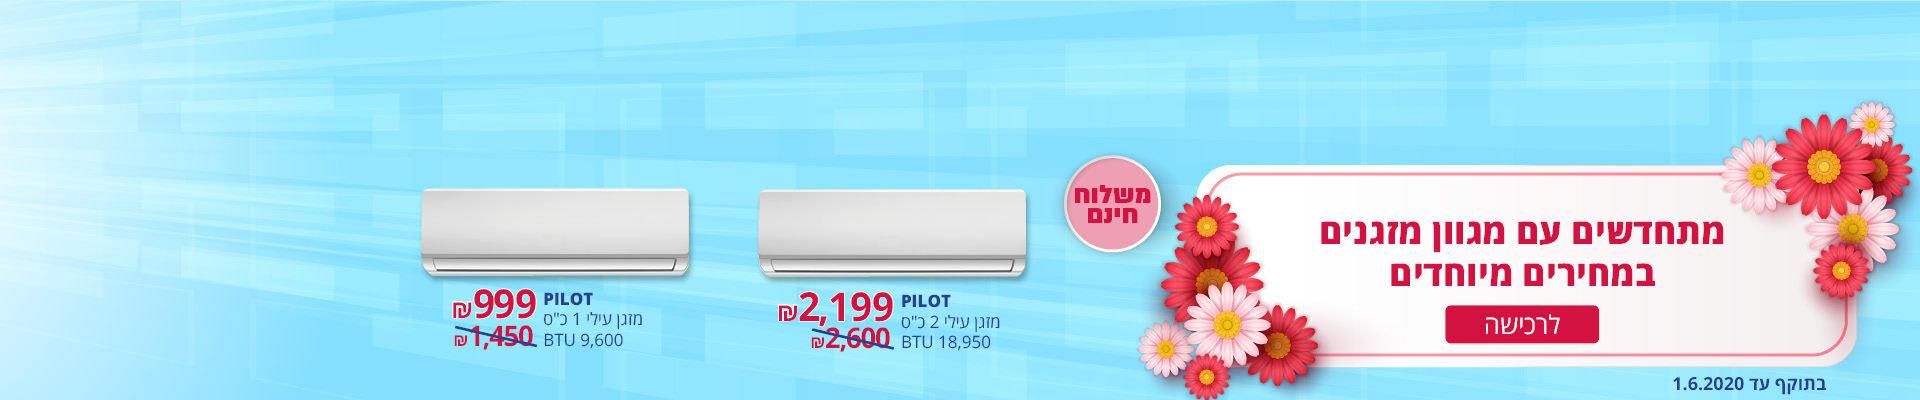 """מתחדשים עם מגוון מזגני PILOT במחירים מיוחדים ומשלוח חינם! מזגן 1 כ""""ס BTU 9600 ב-999 ₪, מזגן 2 כ""""ס BTU 18950 ב- 2199 ₪. בתוקף עד 1.6.2020."""